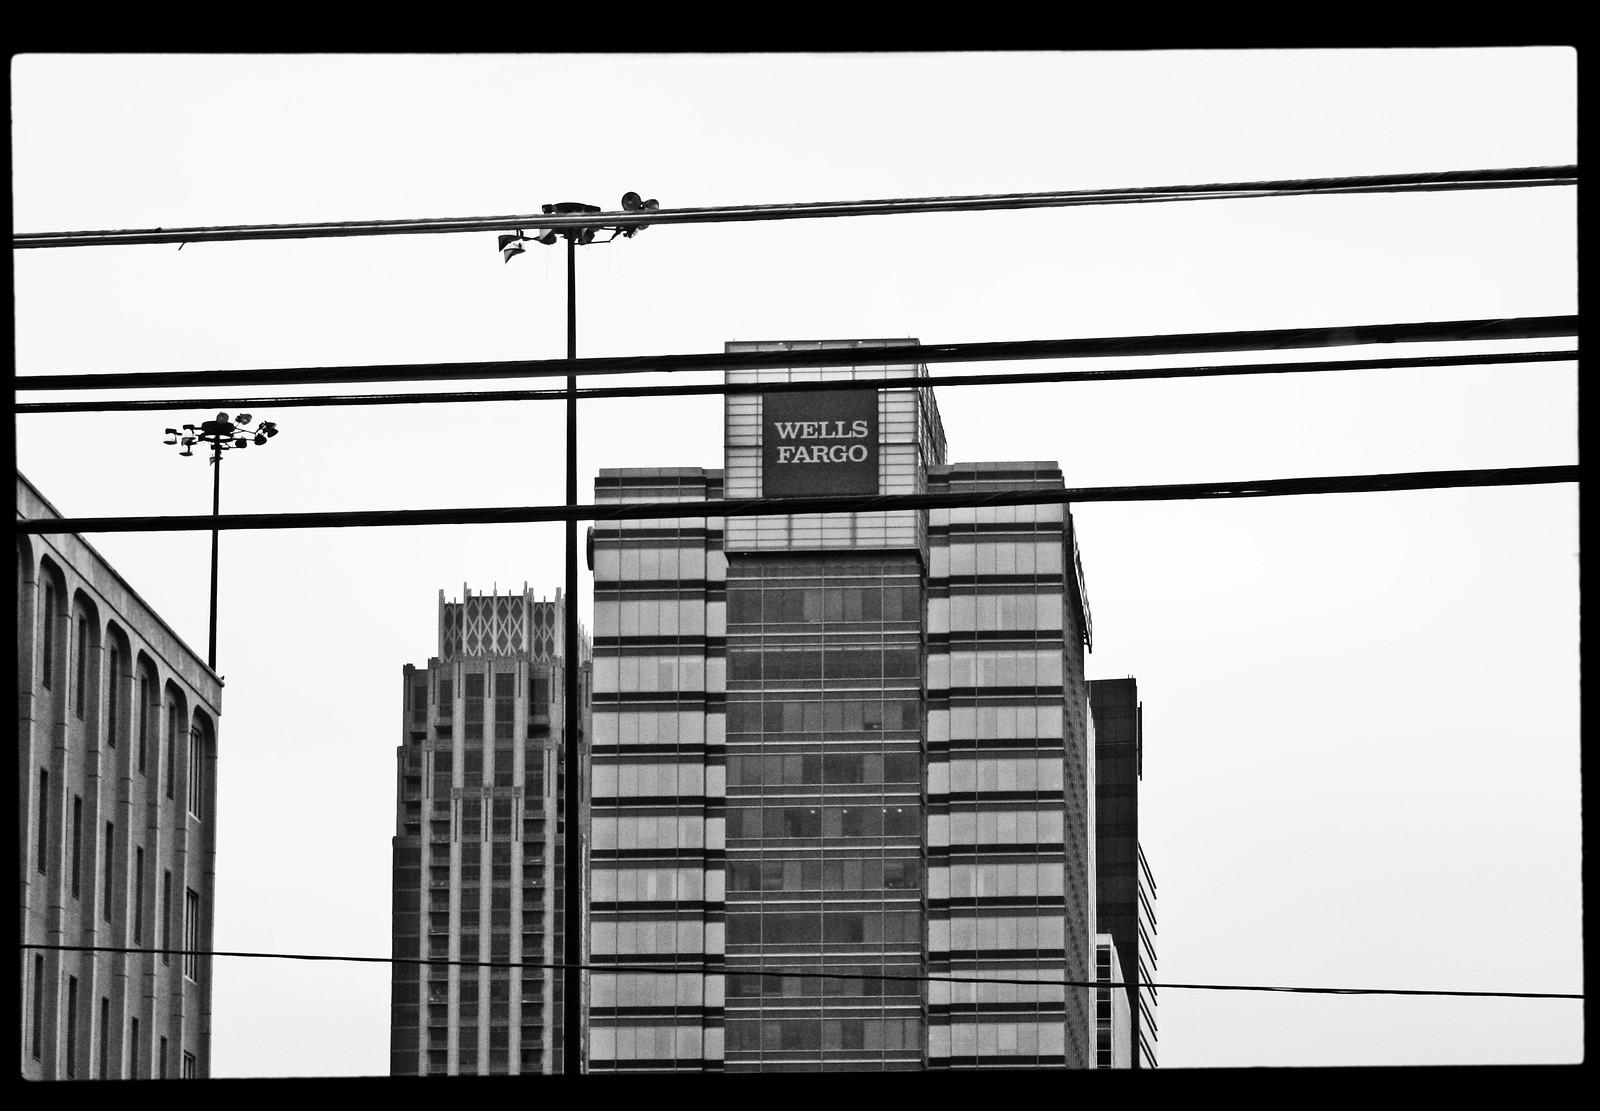 Wells Fargo, Atlantic Station, Atlanta, Sept 2014